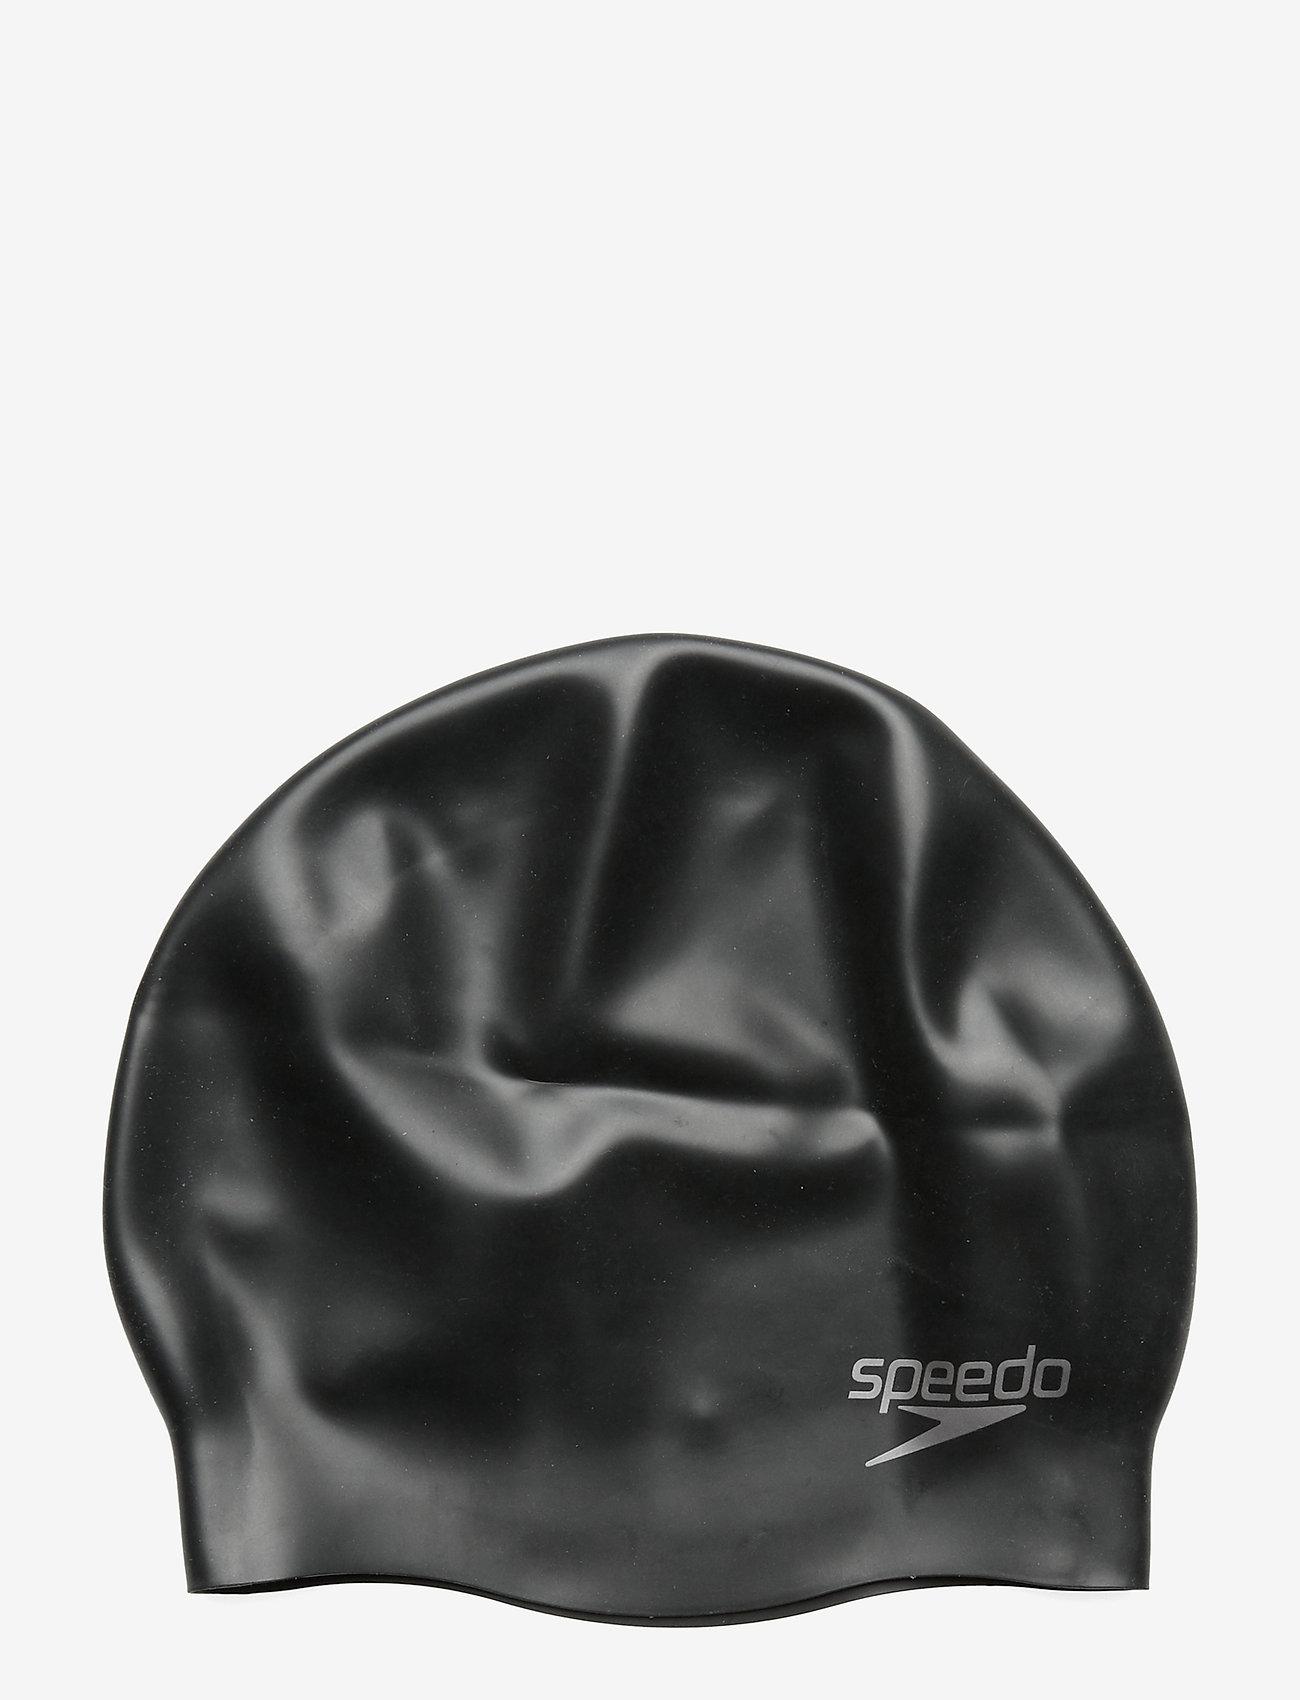 Speedo - SPEEDO SILICON MOULDED CAP AU, WHI MOP - muut - black - 1